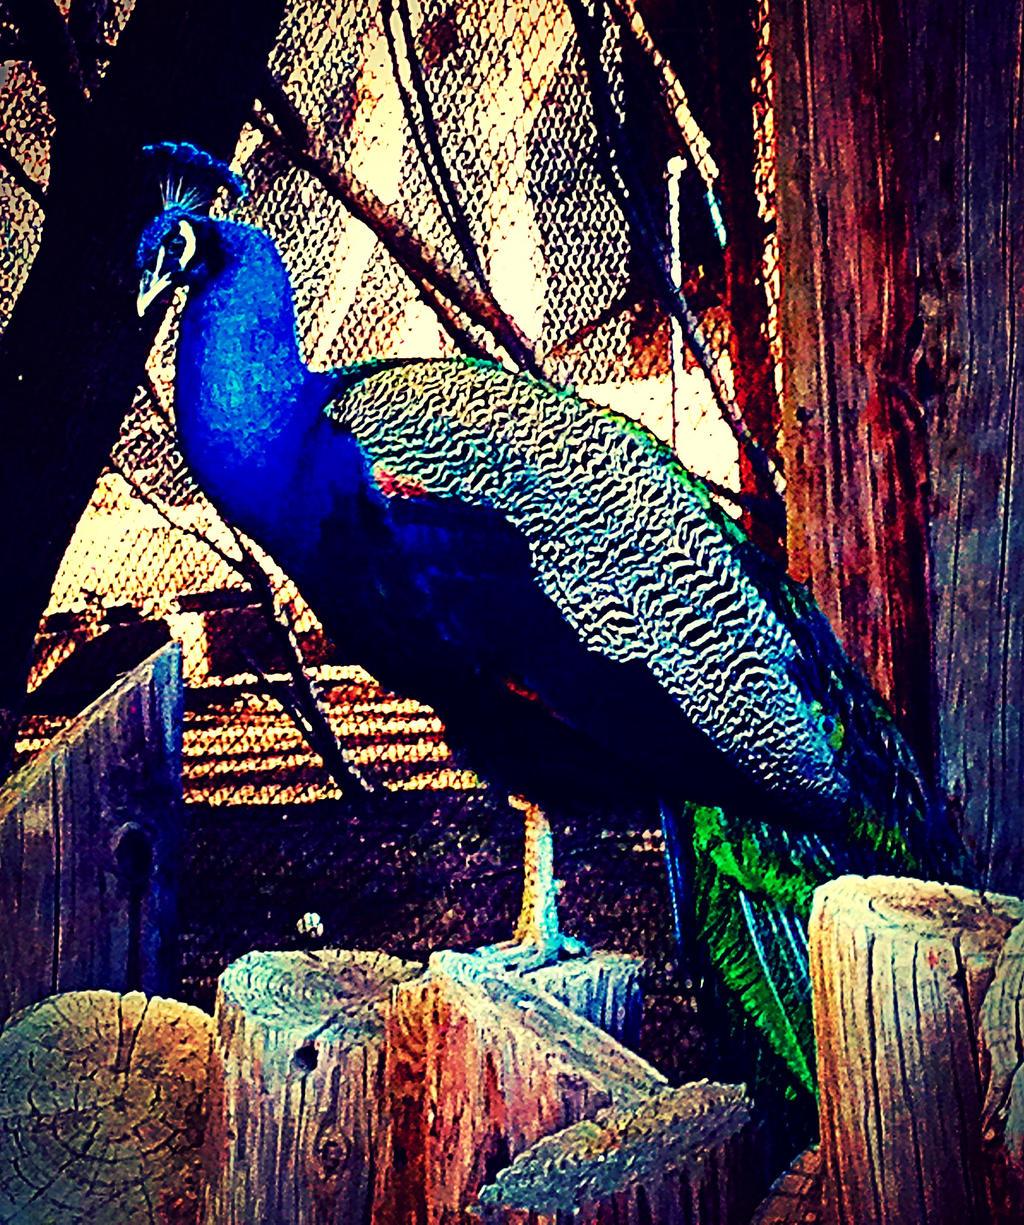 Peacock by xXXxNightShadexXXx